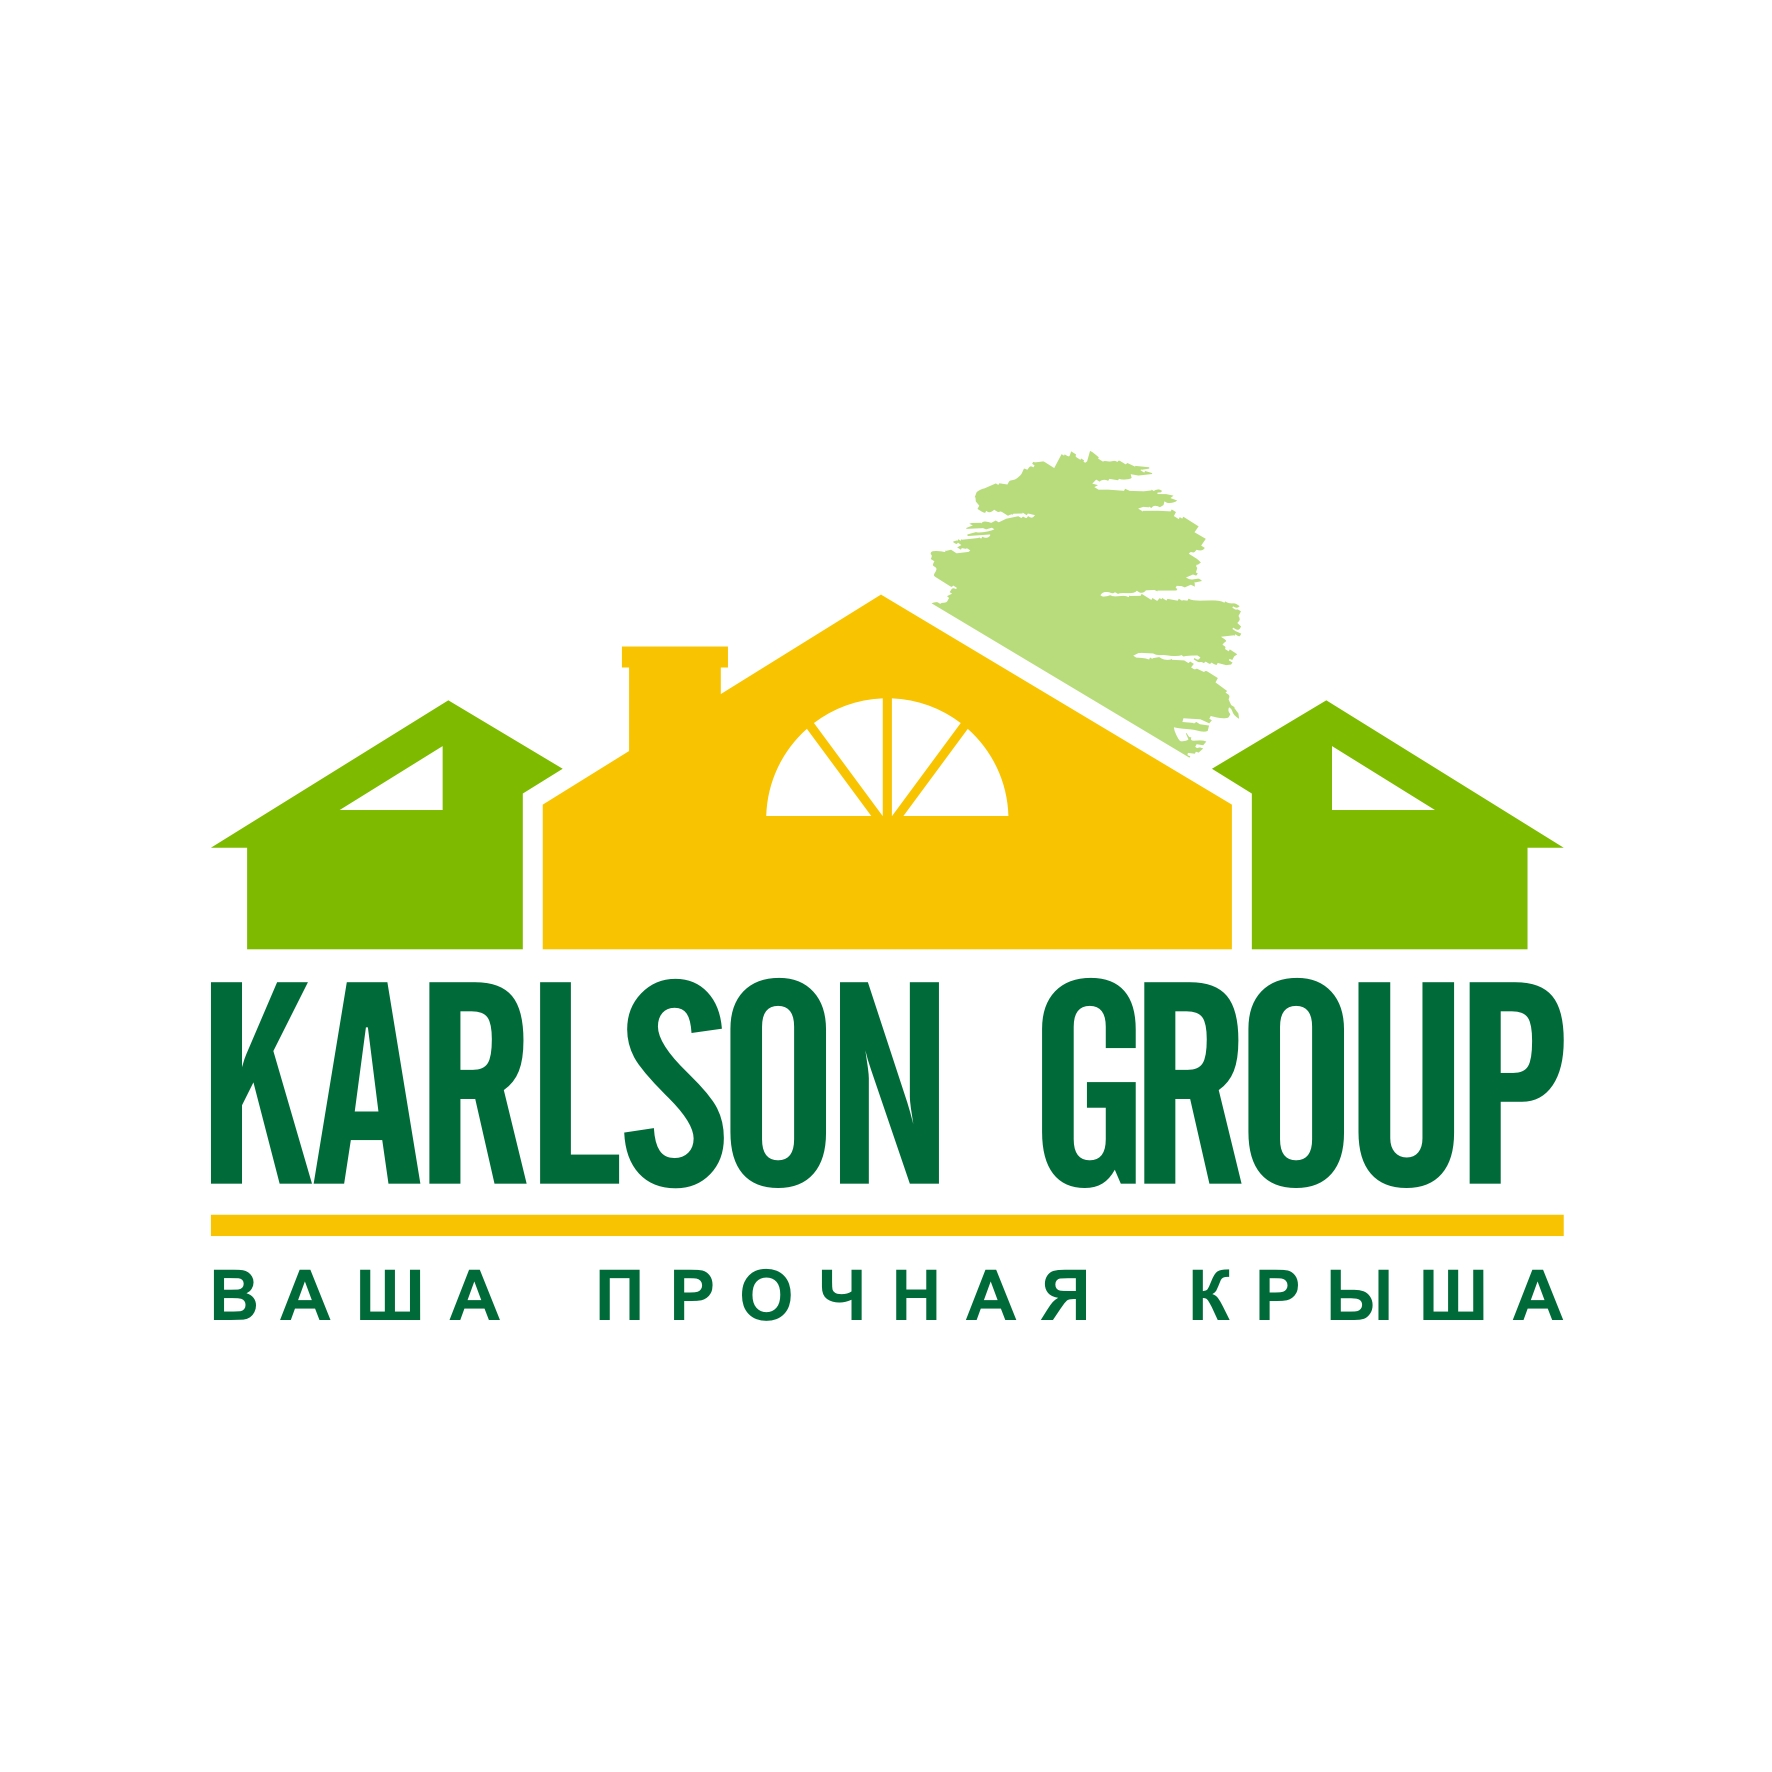 Придумать классный логотип фото f_056598f18a5828ea.jpg